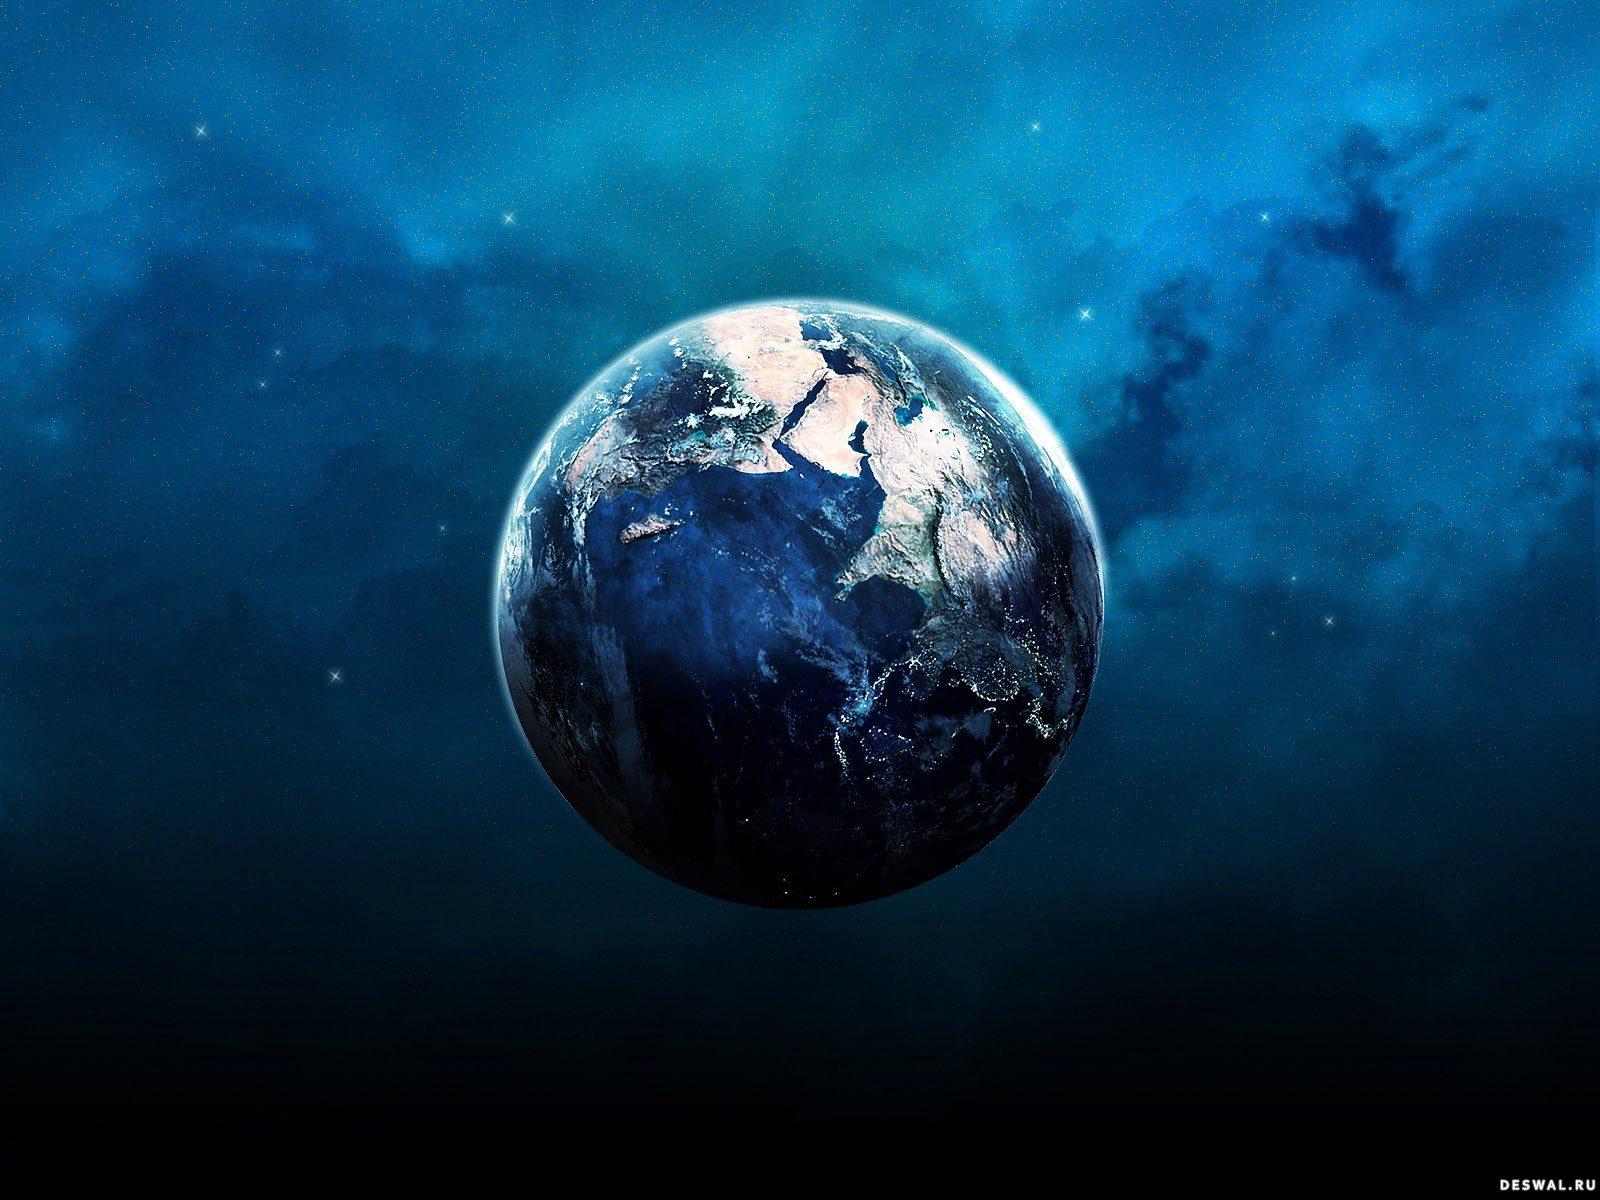 Фото 22.. Нажмите на картинку с обоями космоса, чтобы просмотреть ее в реальном размере